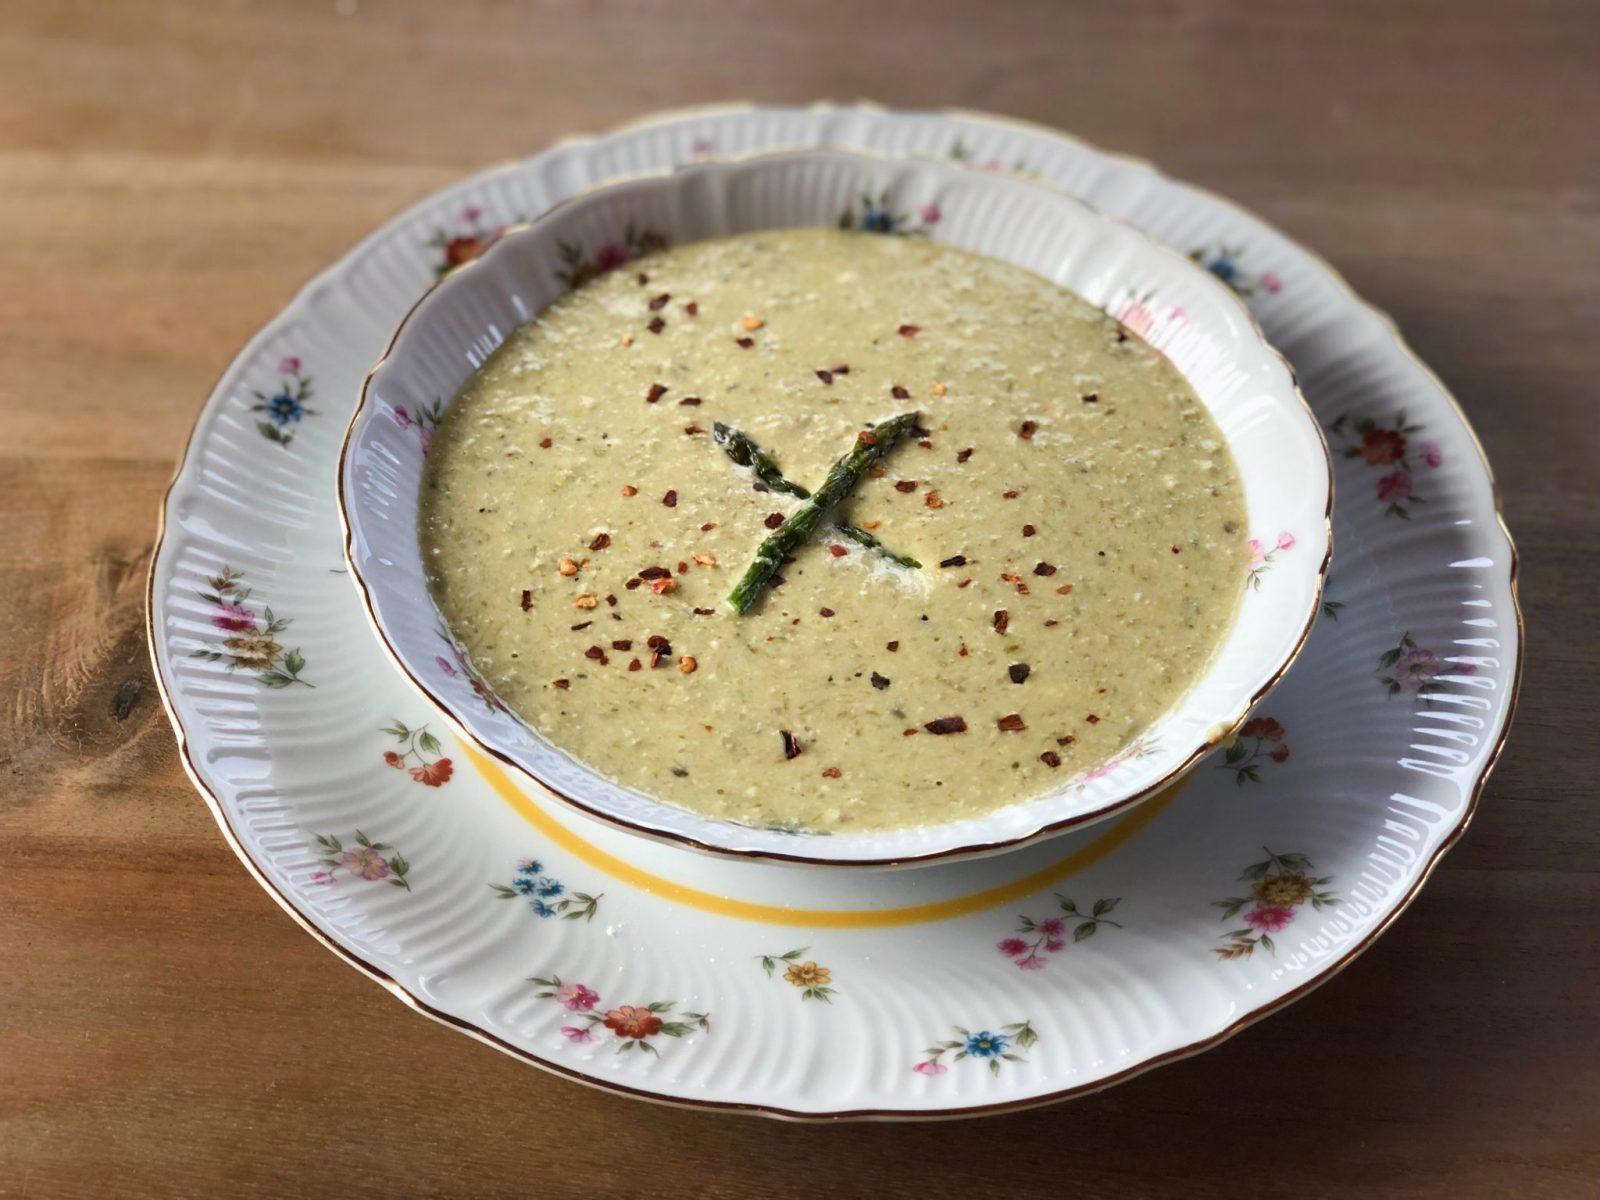 Photos of asparagus soup keto creamy